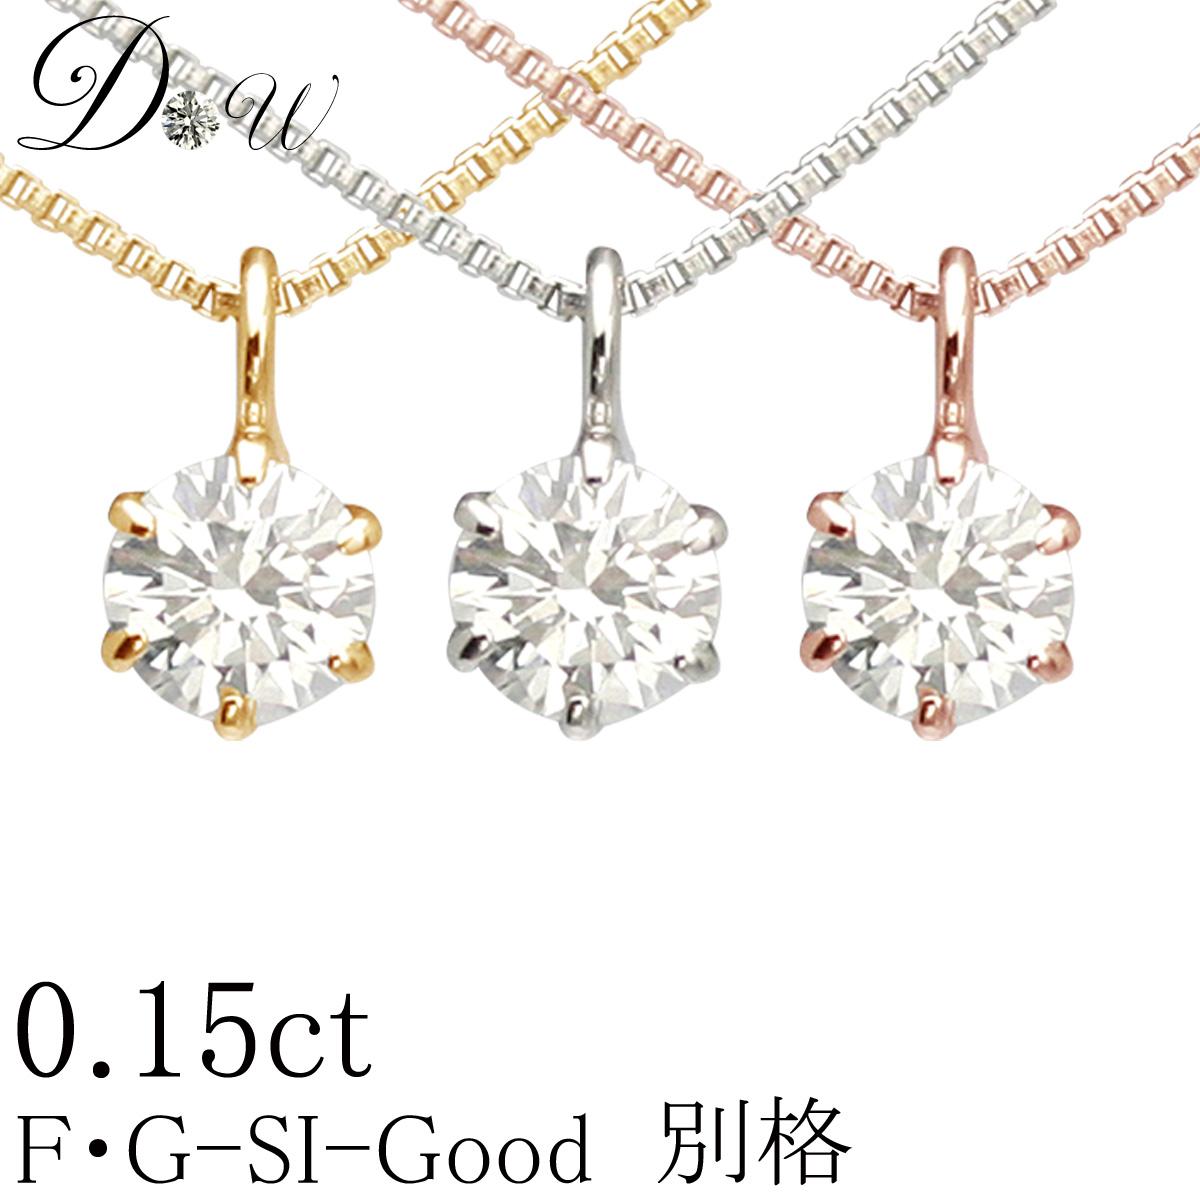 ダイヤモンド ネックレス 0.15ct天然ダイヤモンド無色透明 F・Gカラー SIクラス Goodカット品質保証書付【輝き厳選保証】